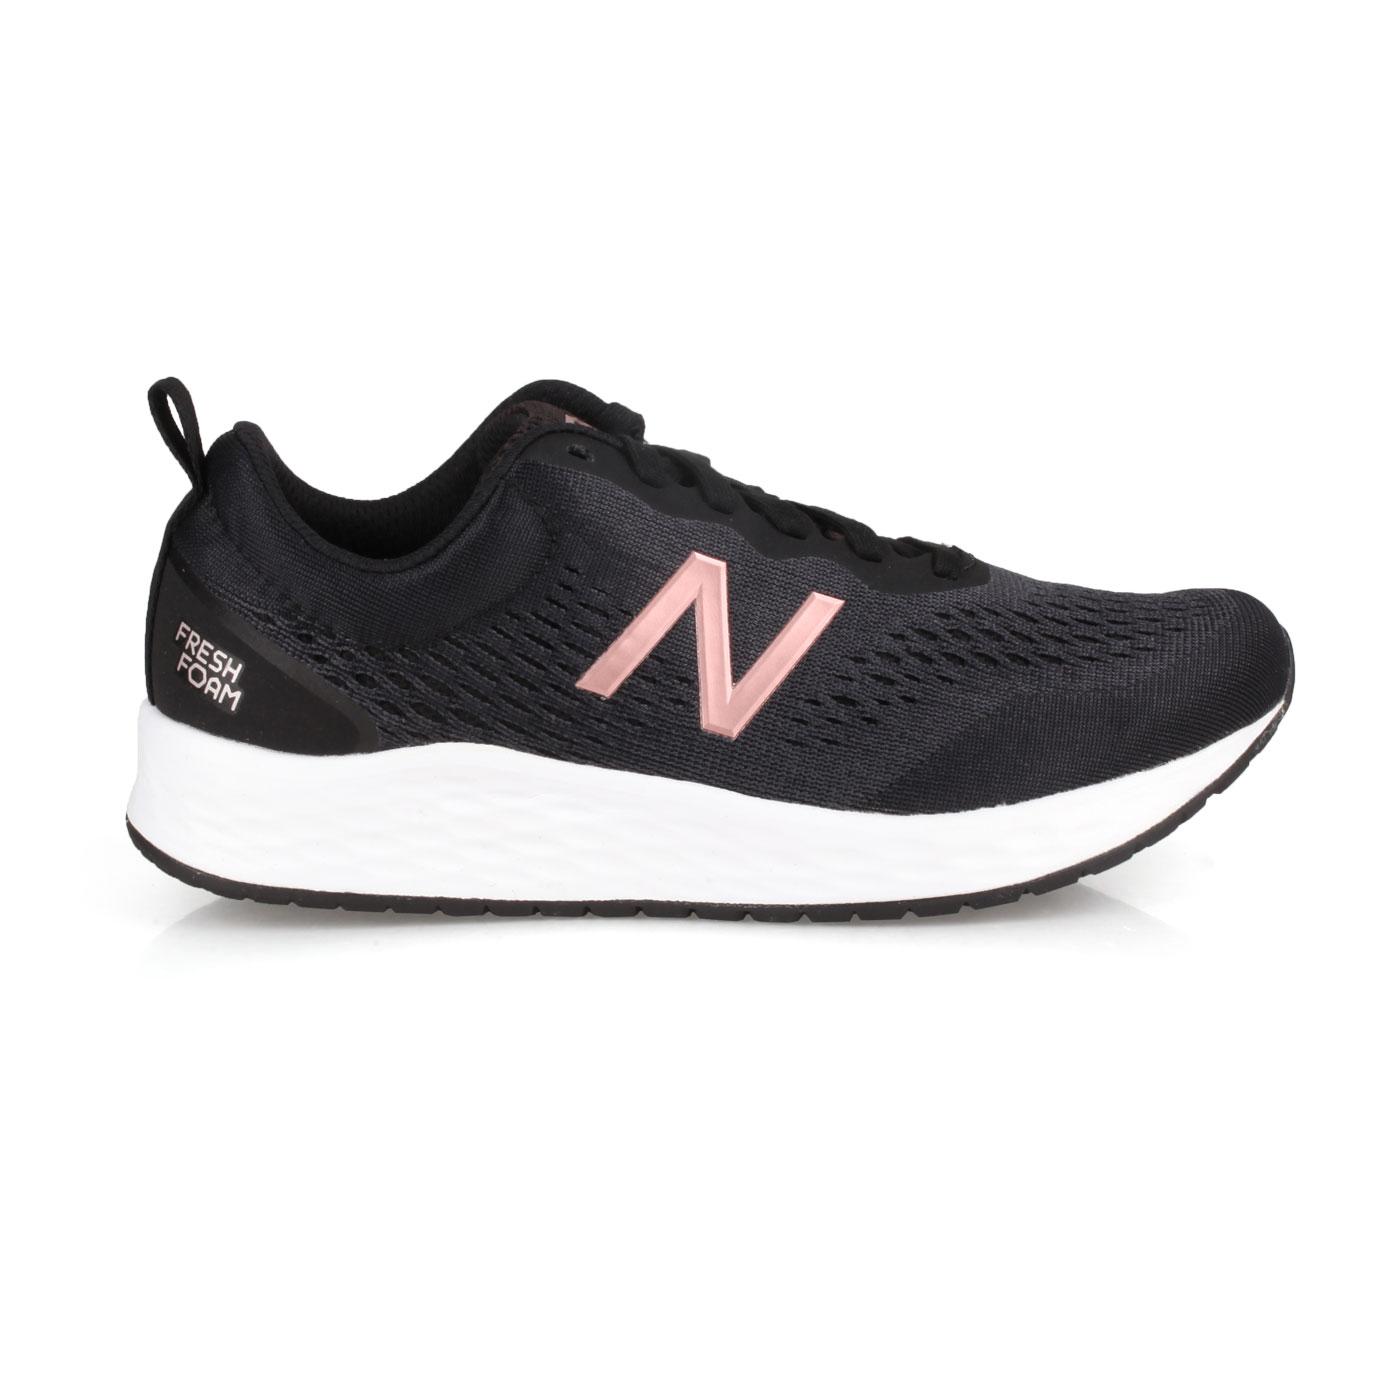 NEW BALANCE 女款慢跑鞋 WARISLL3 - 黑灰玫瑰金